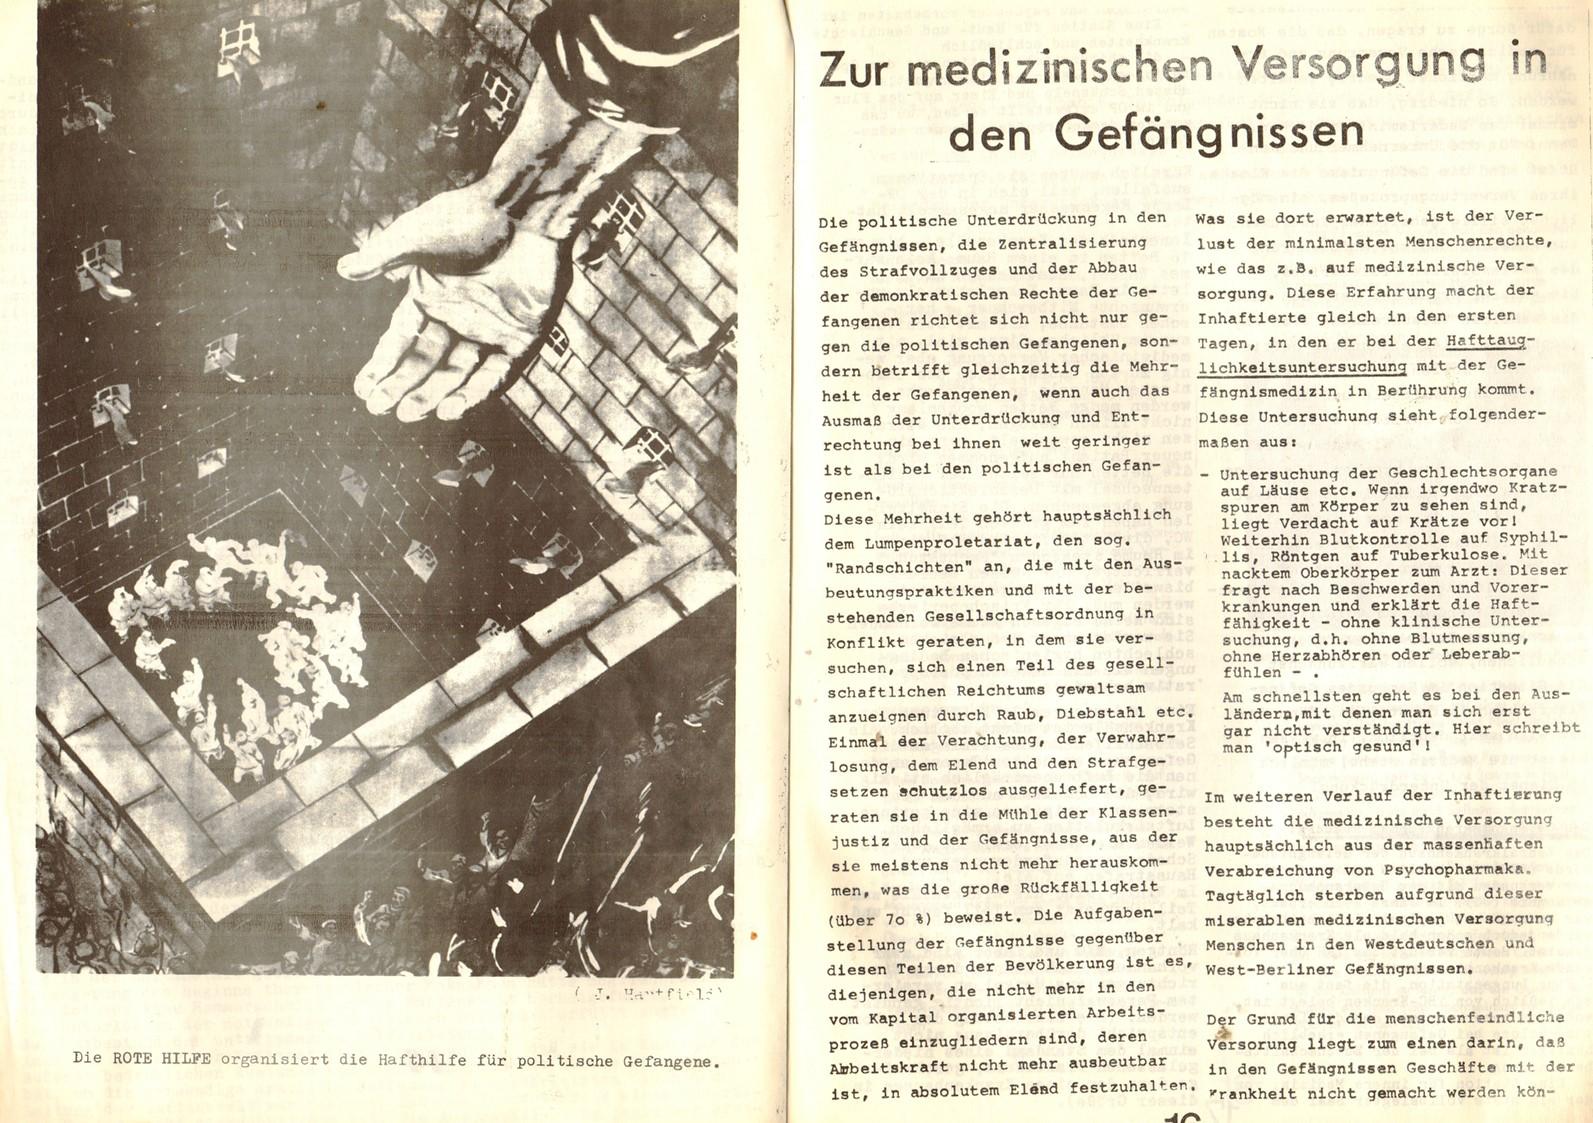 Berlin_RHeV_1974_Schluss_mit_der_Isolationsfolter_09